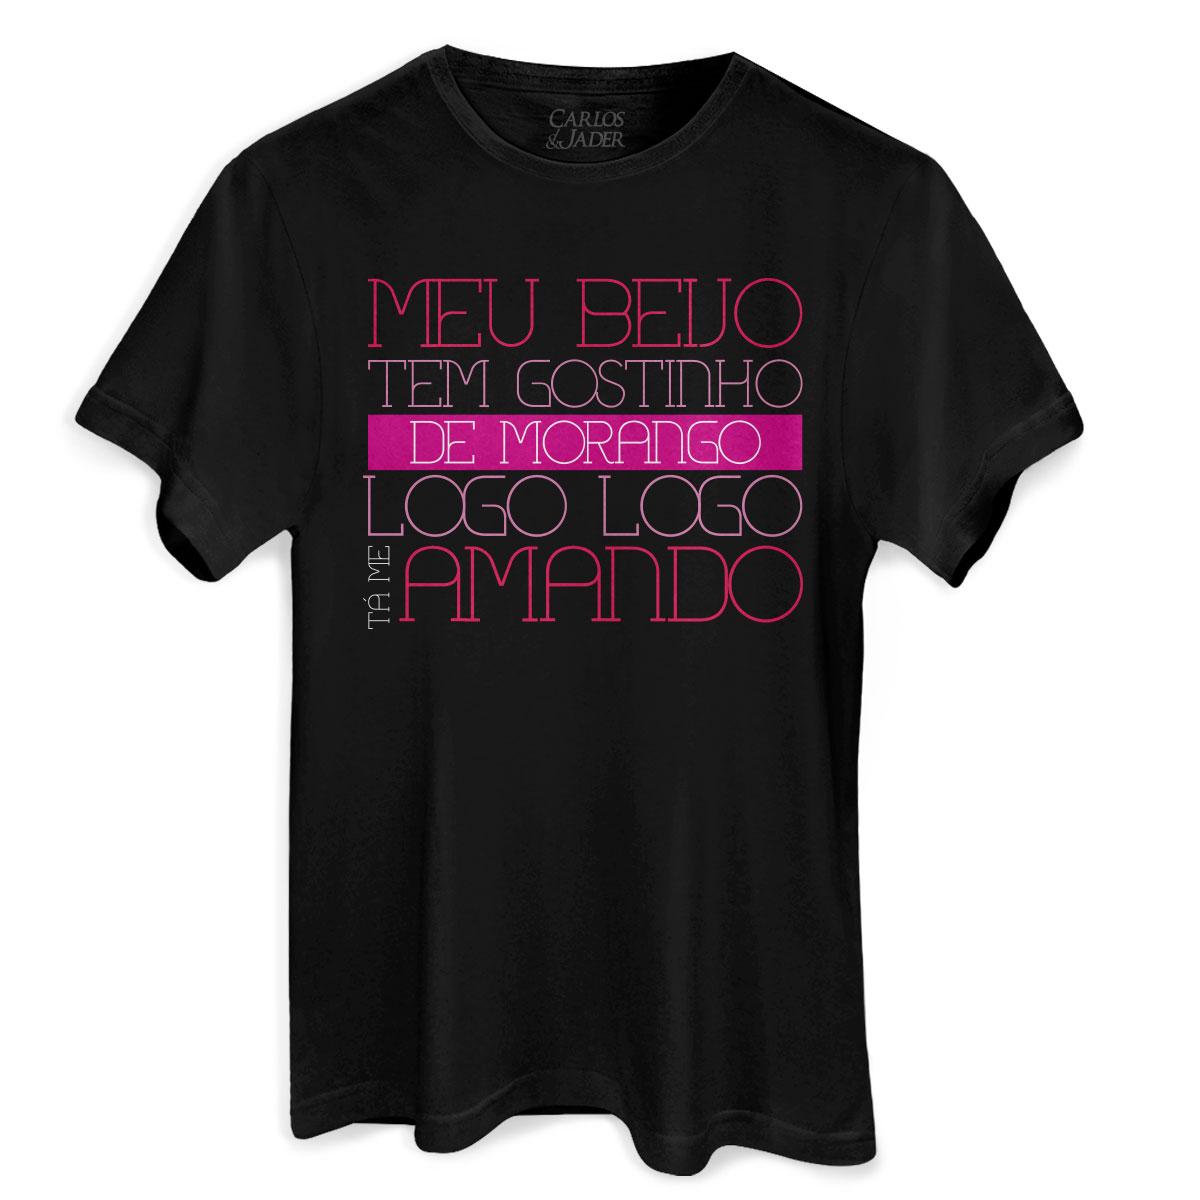 Camiseta Masculina Carlos & Jader Puxo Pela Mão e Beijo